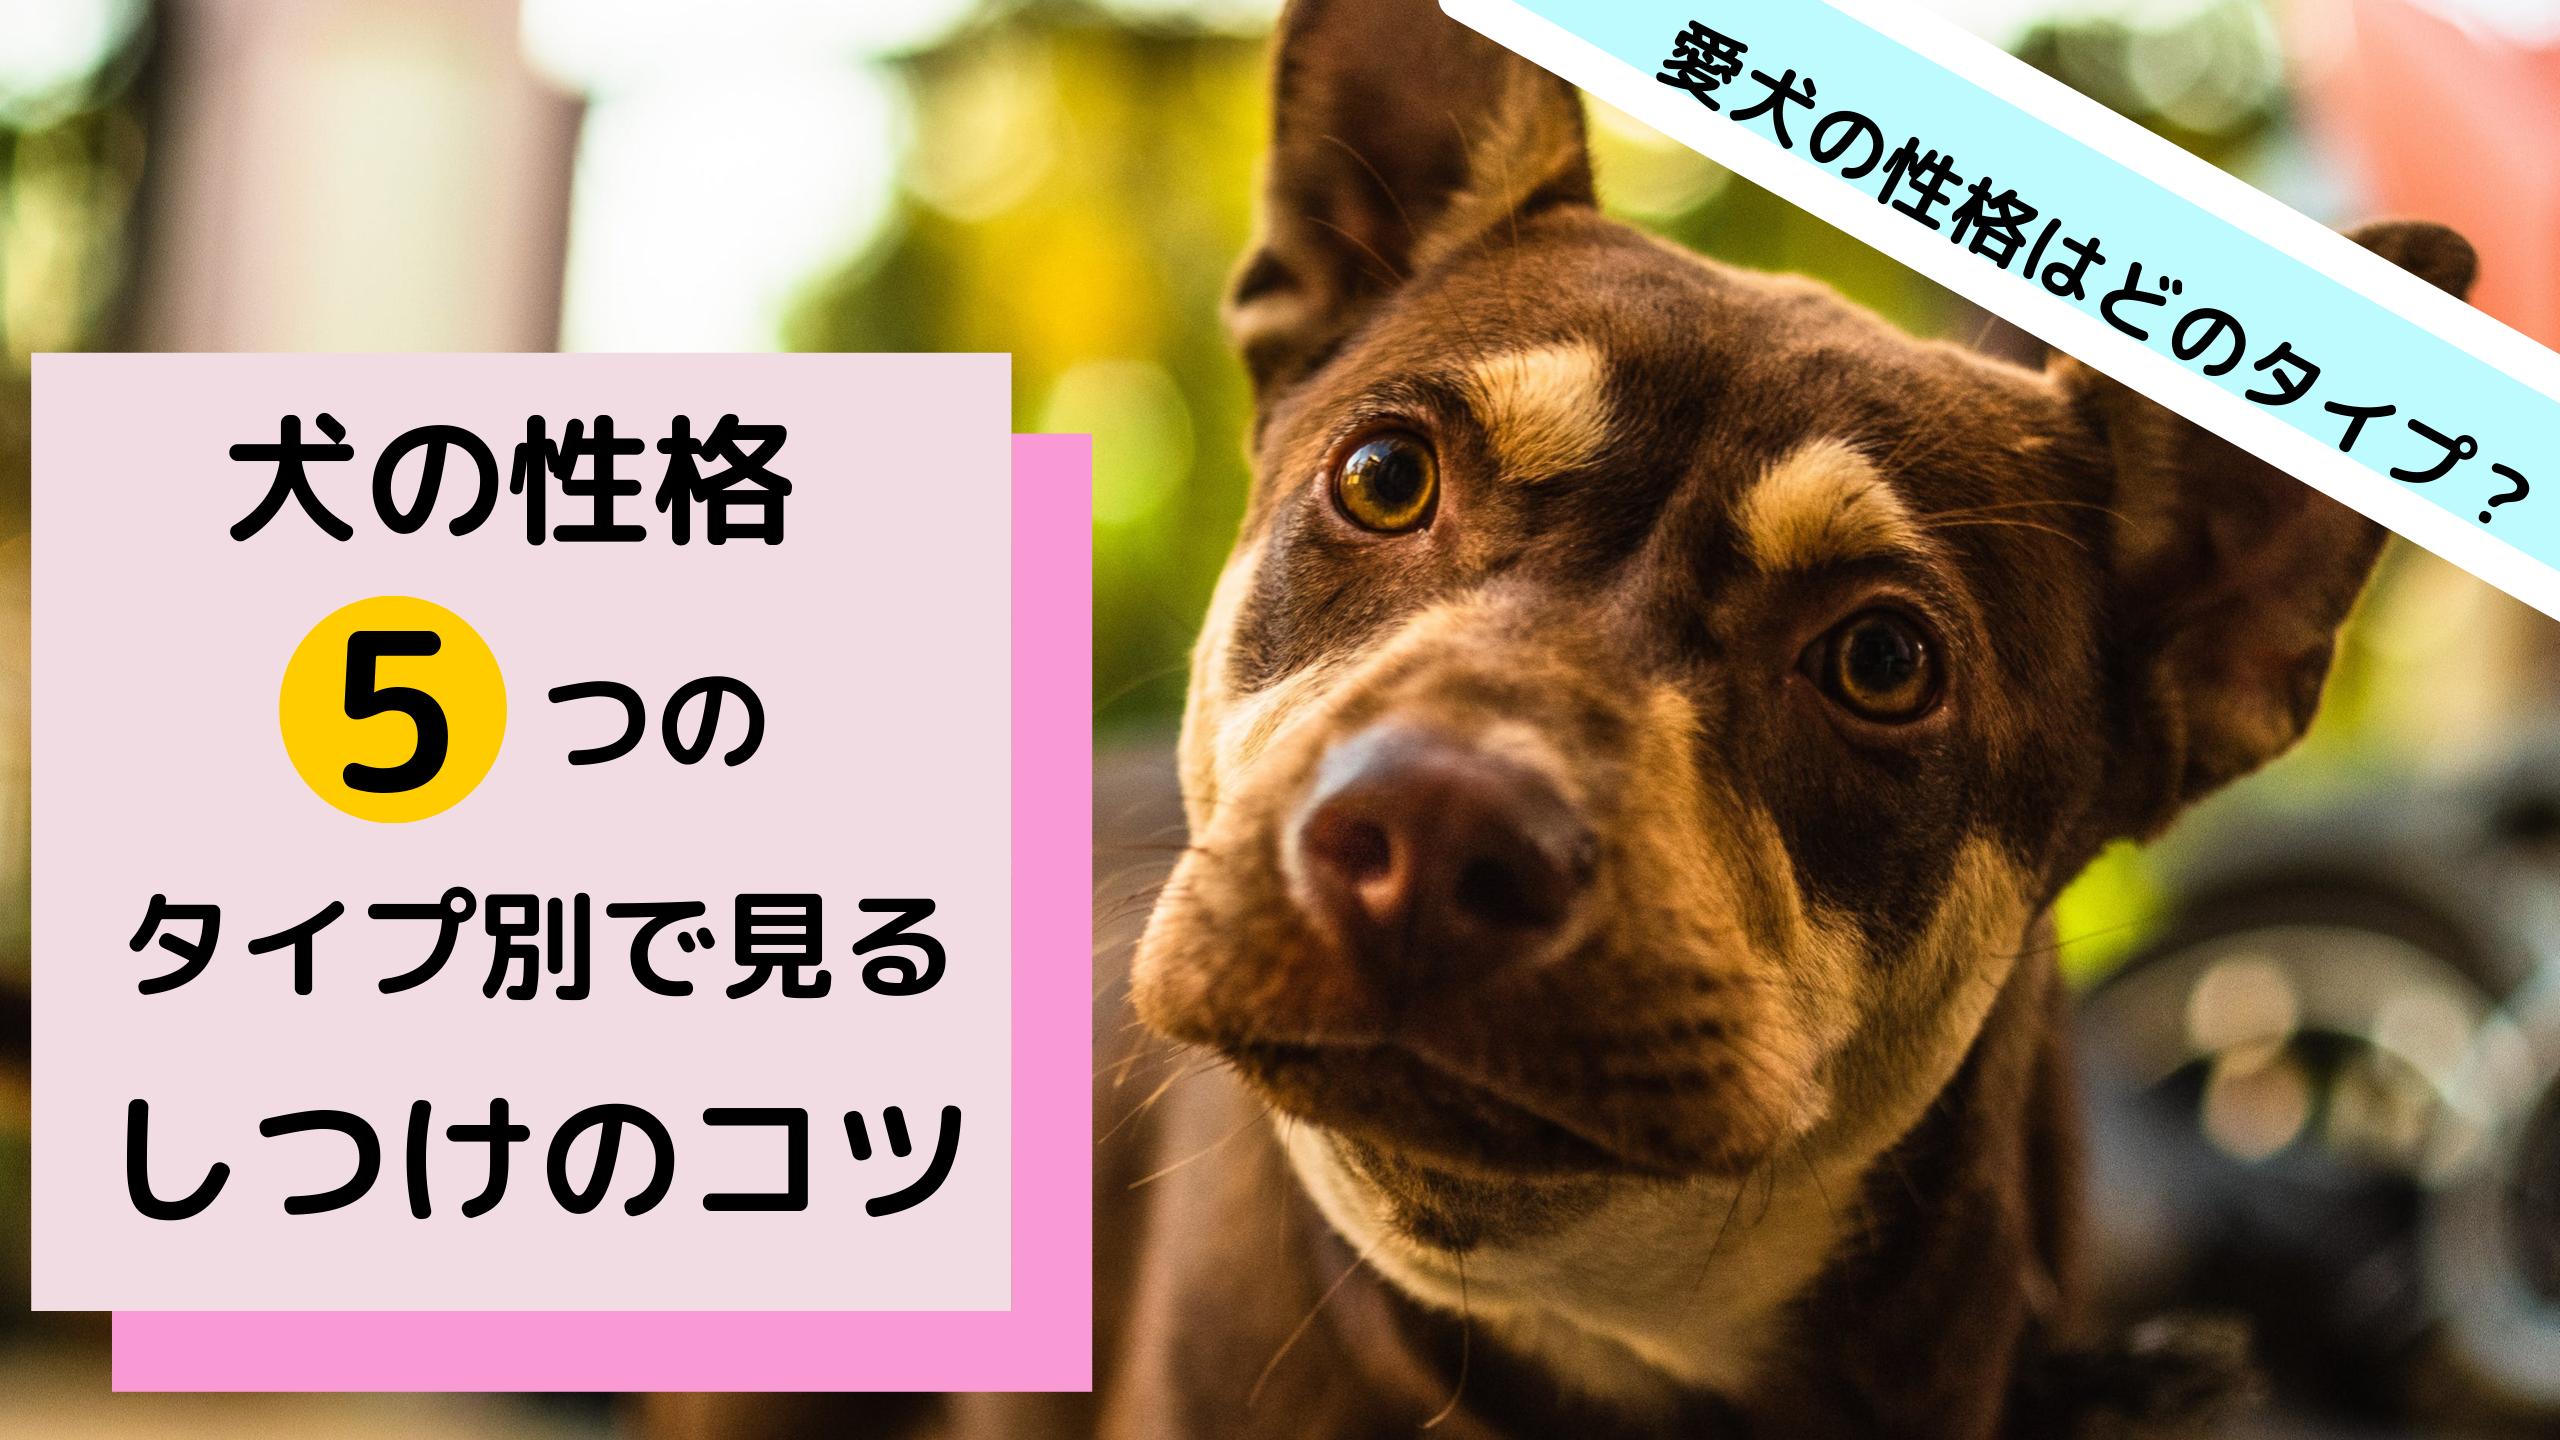 愛犬の性格はどのタイプ?犬の性格5つのタイプ別で見るしつけのコツ